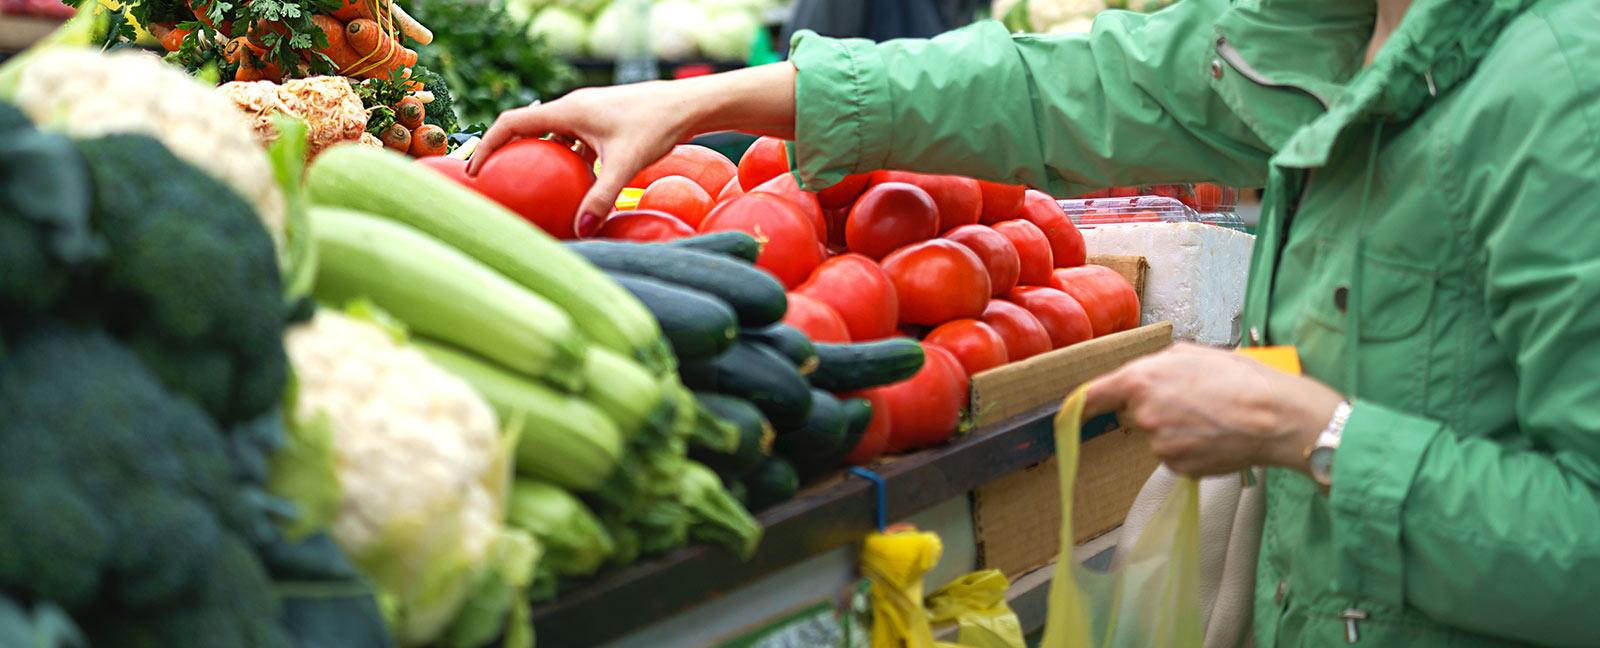 visit the market banner